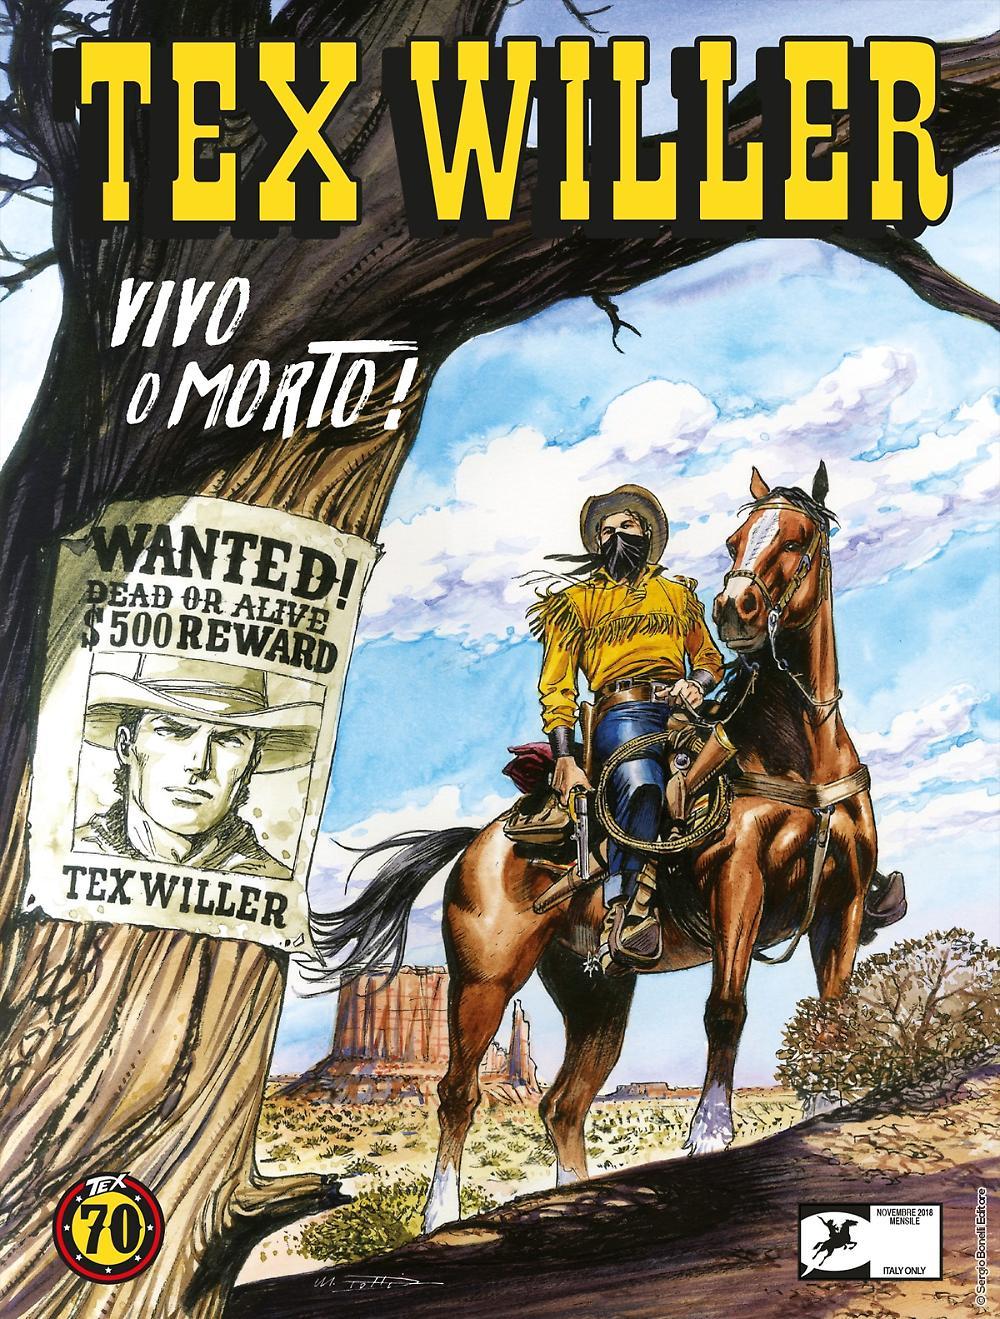 Tex Willer 1: Vivo o morto!, copertina di Maurizio Dotti